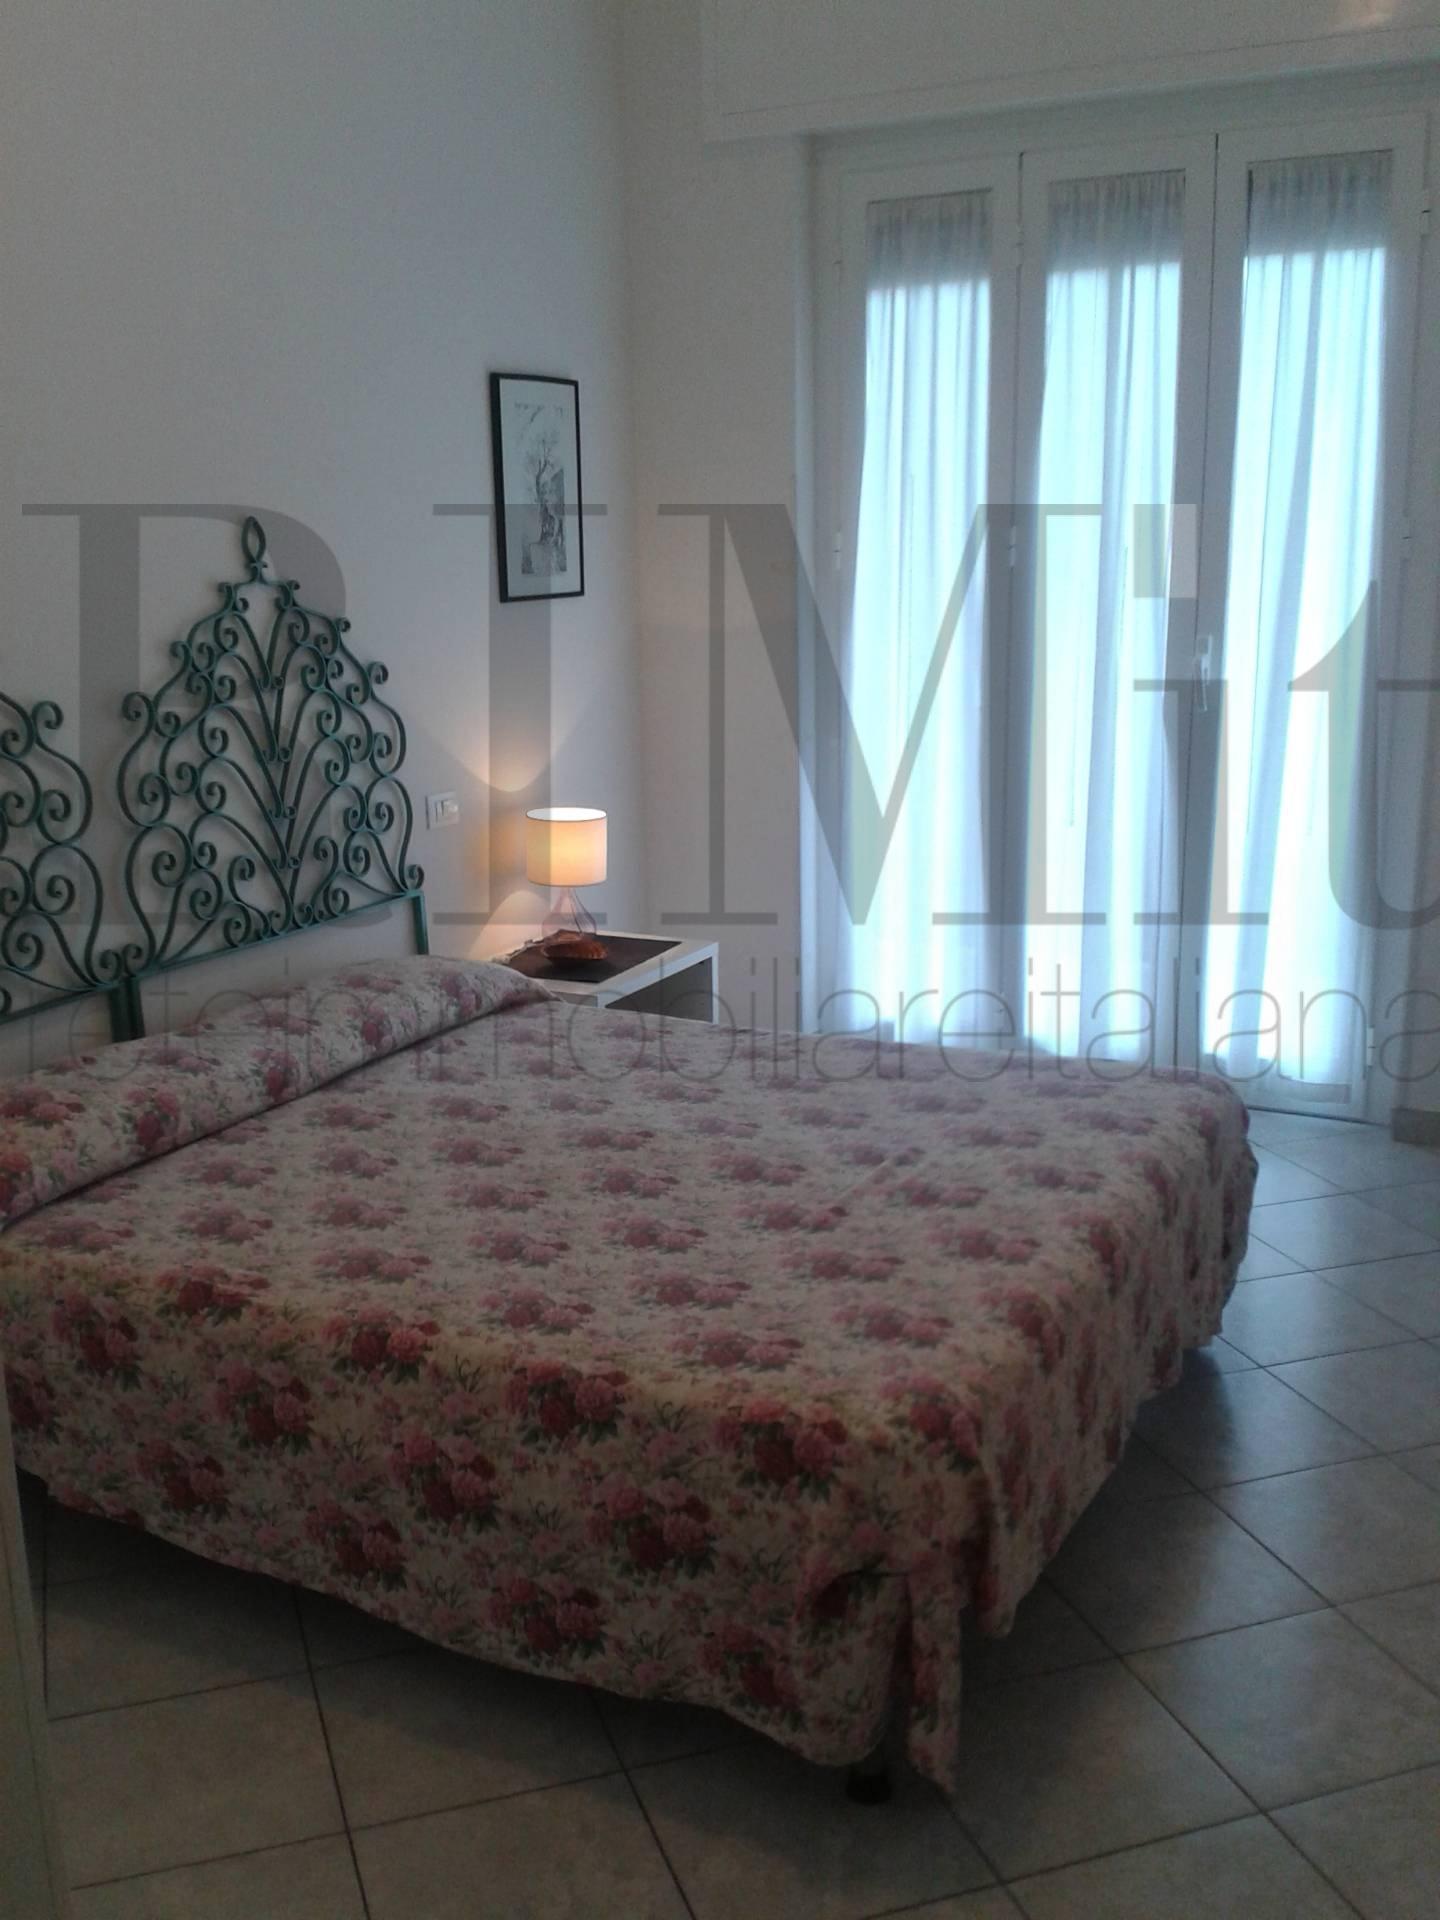 Appartamento in vendita a Loano, 3 locali, zona Località: 100metridallespiagge, prezzo € 320.000 | CambioCasa.it